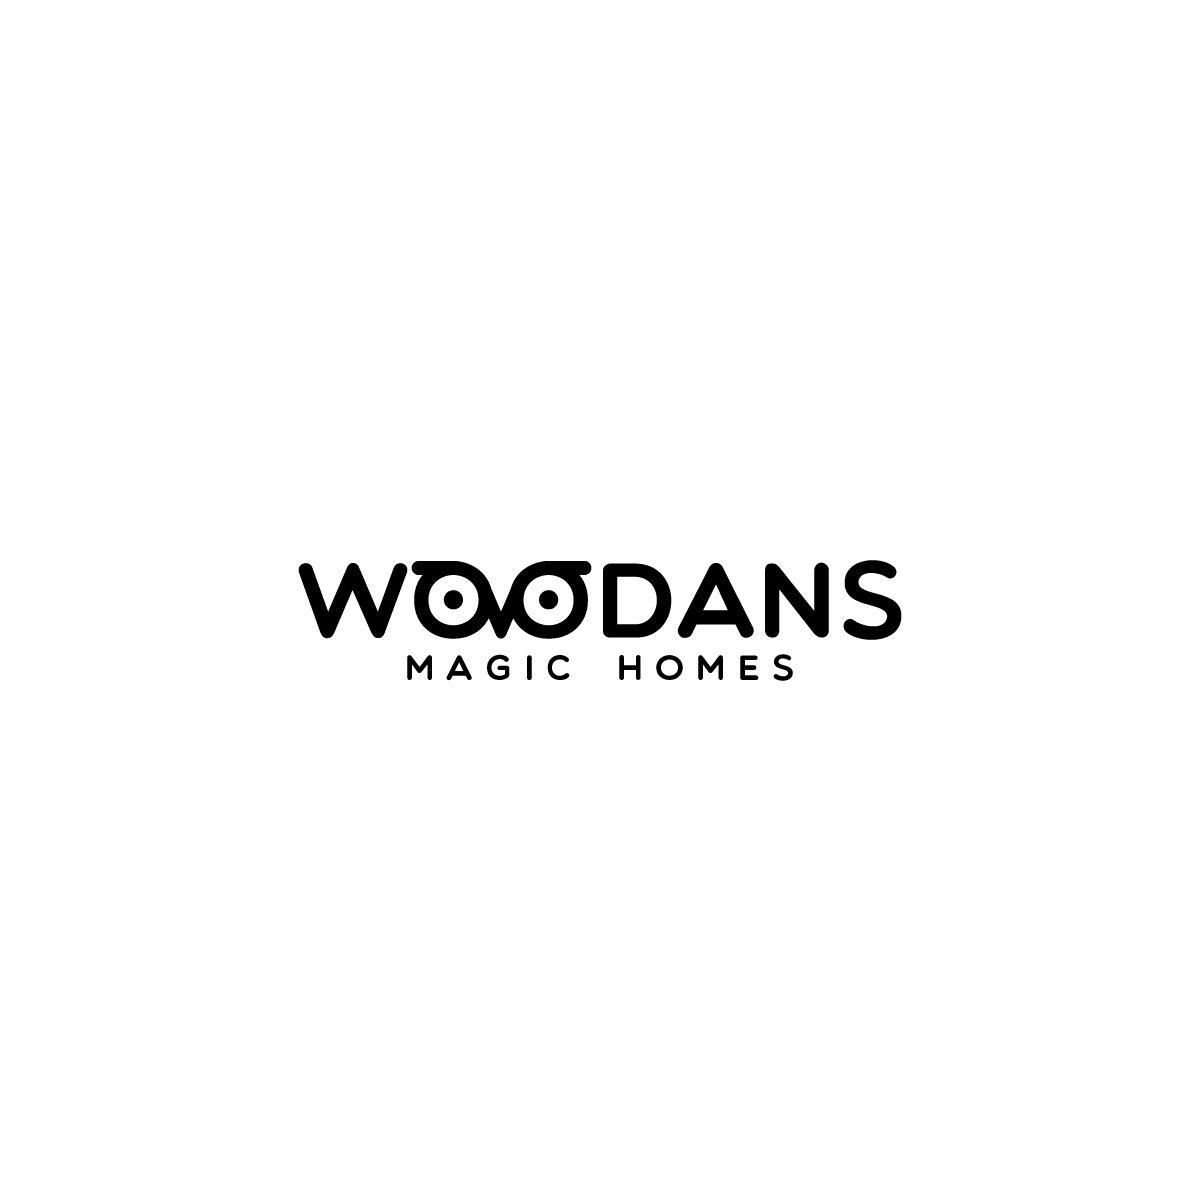 WOODANS